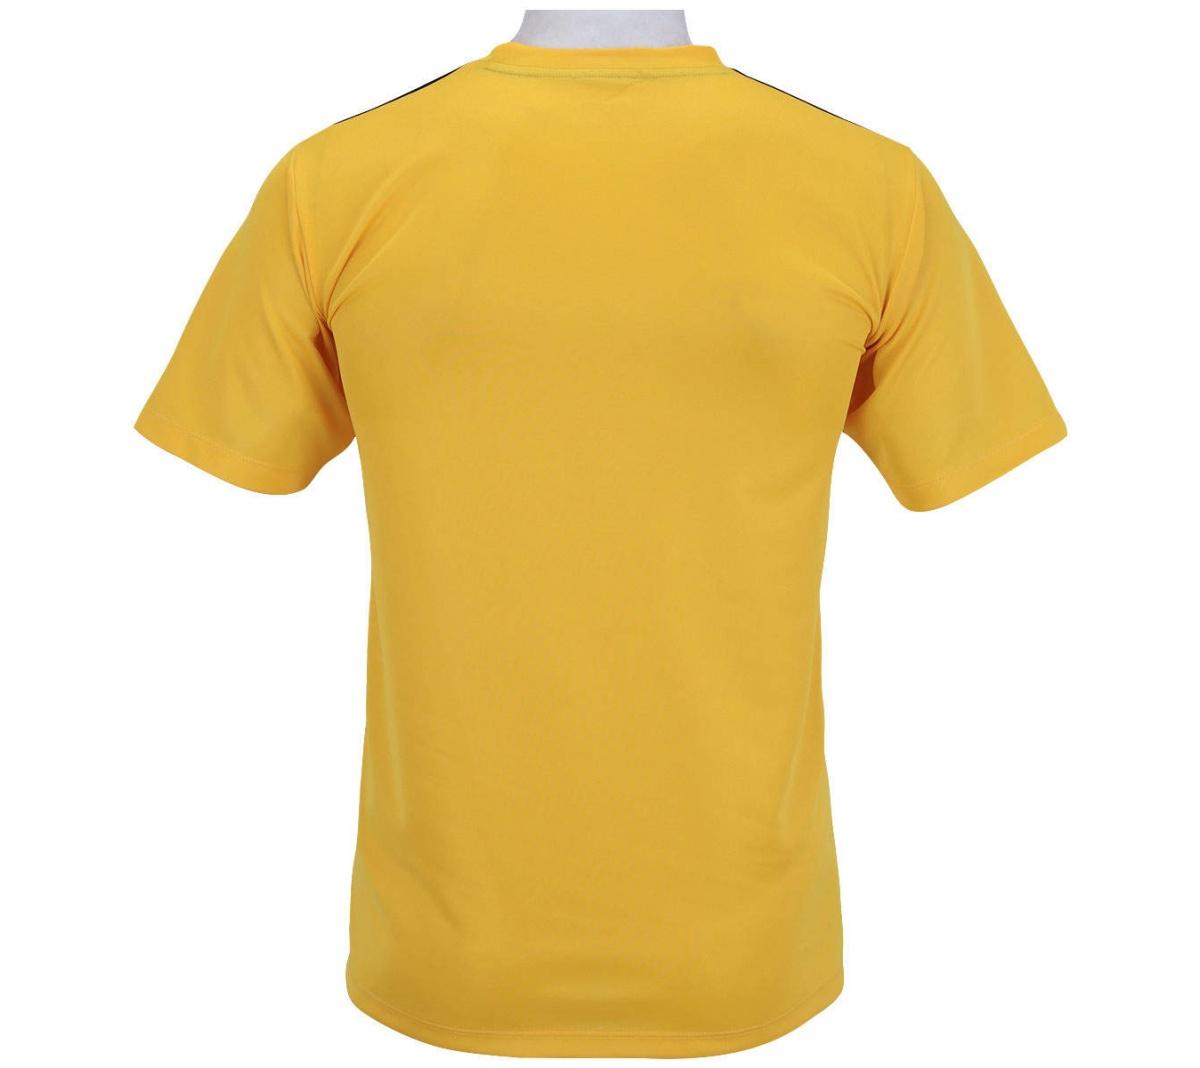 Camisa Puma Entry Training Amarelo com Preto - Mundo do Futebol 827e2875012a6